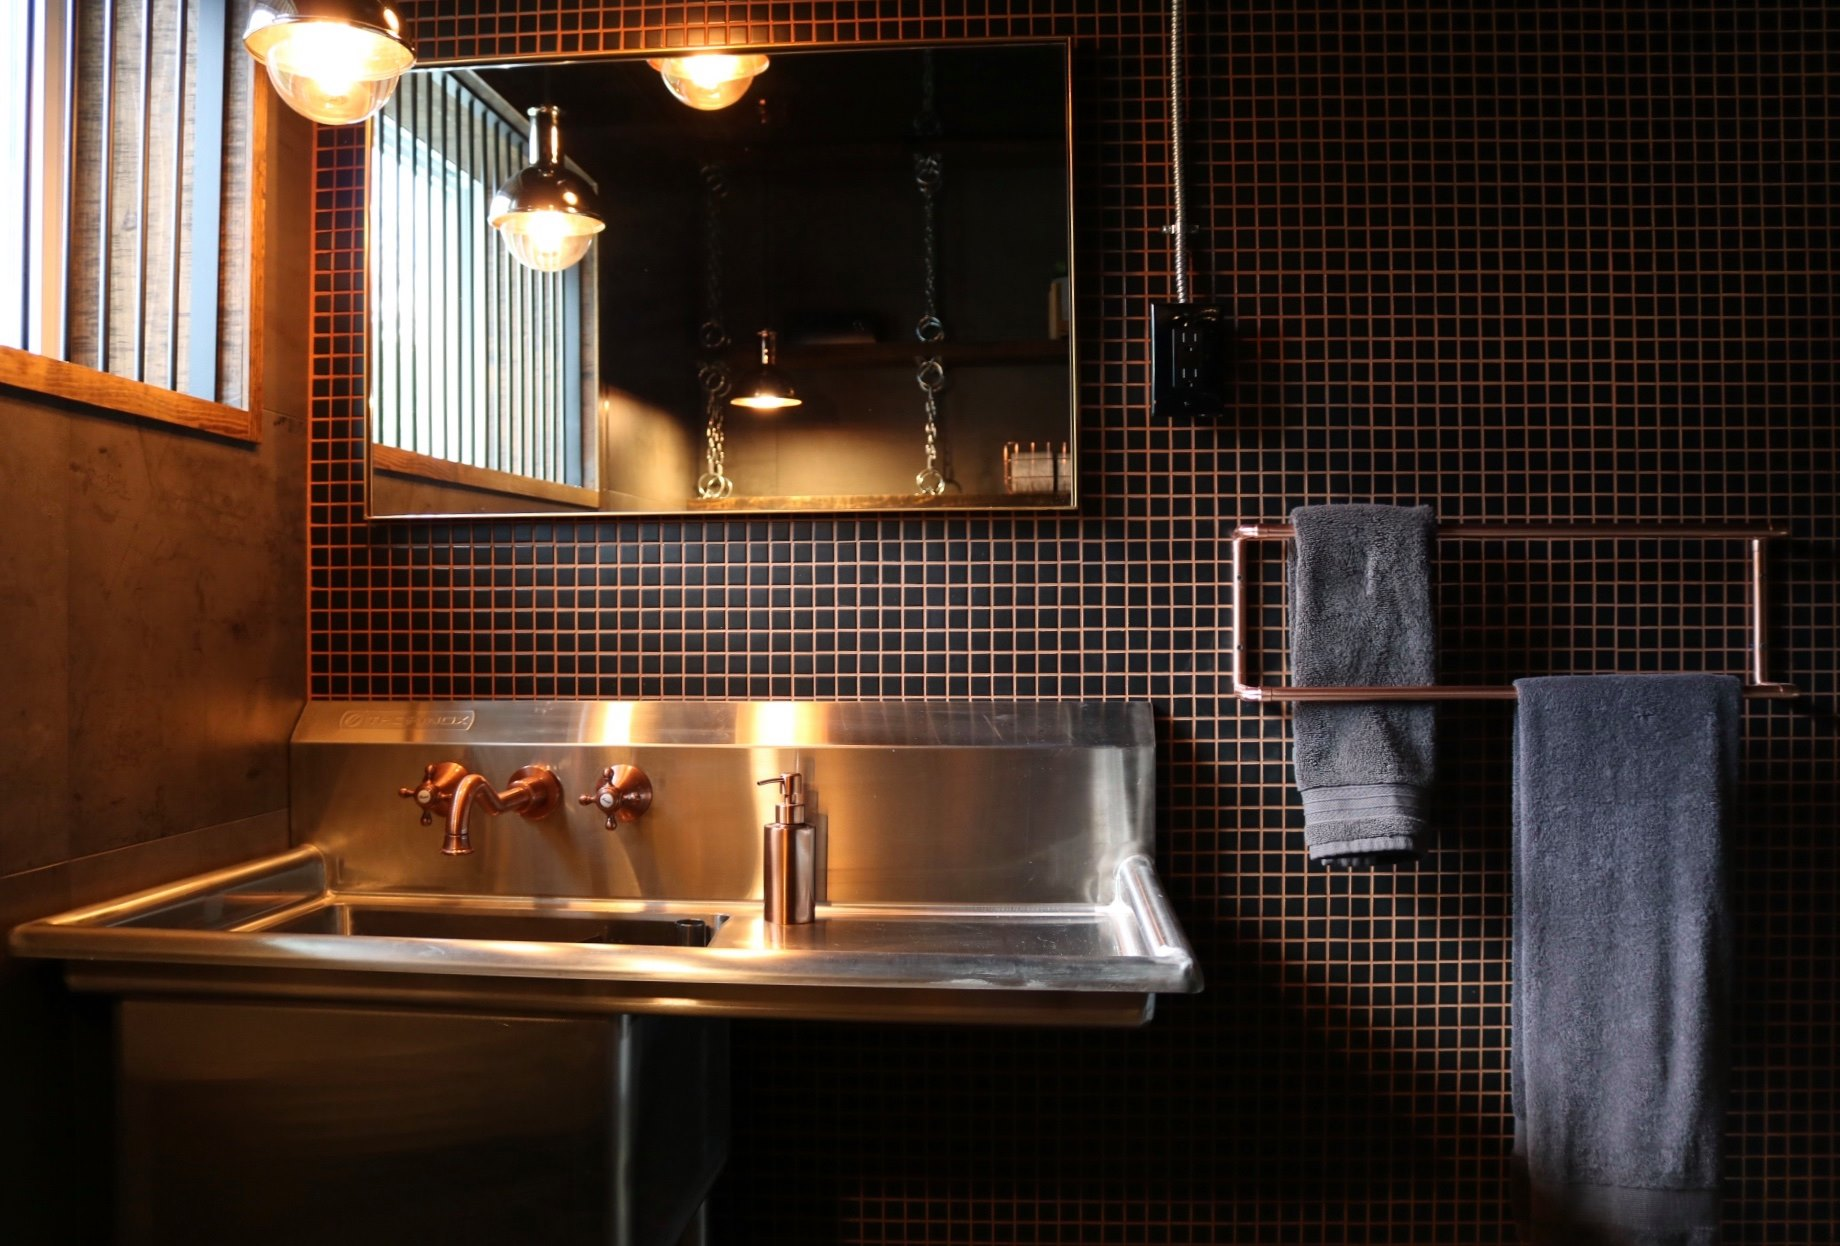 Réalisation design d'intérieur résidentielle L'unique salle d'eau lavabo ETC 2018